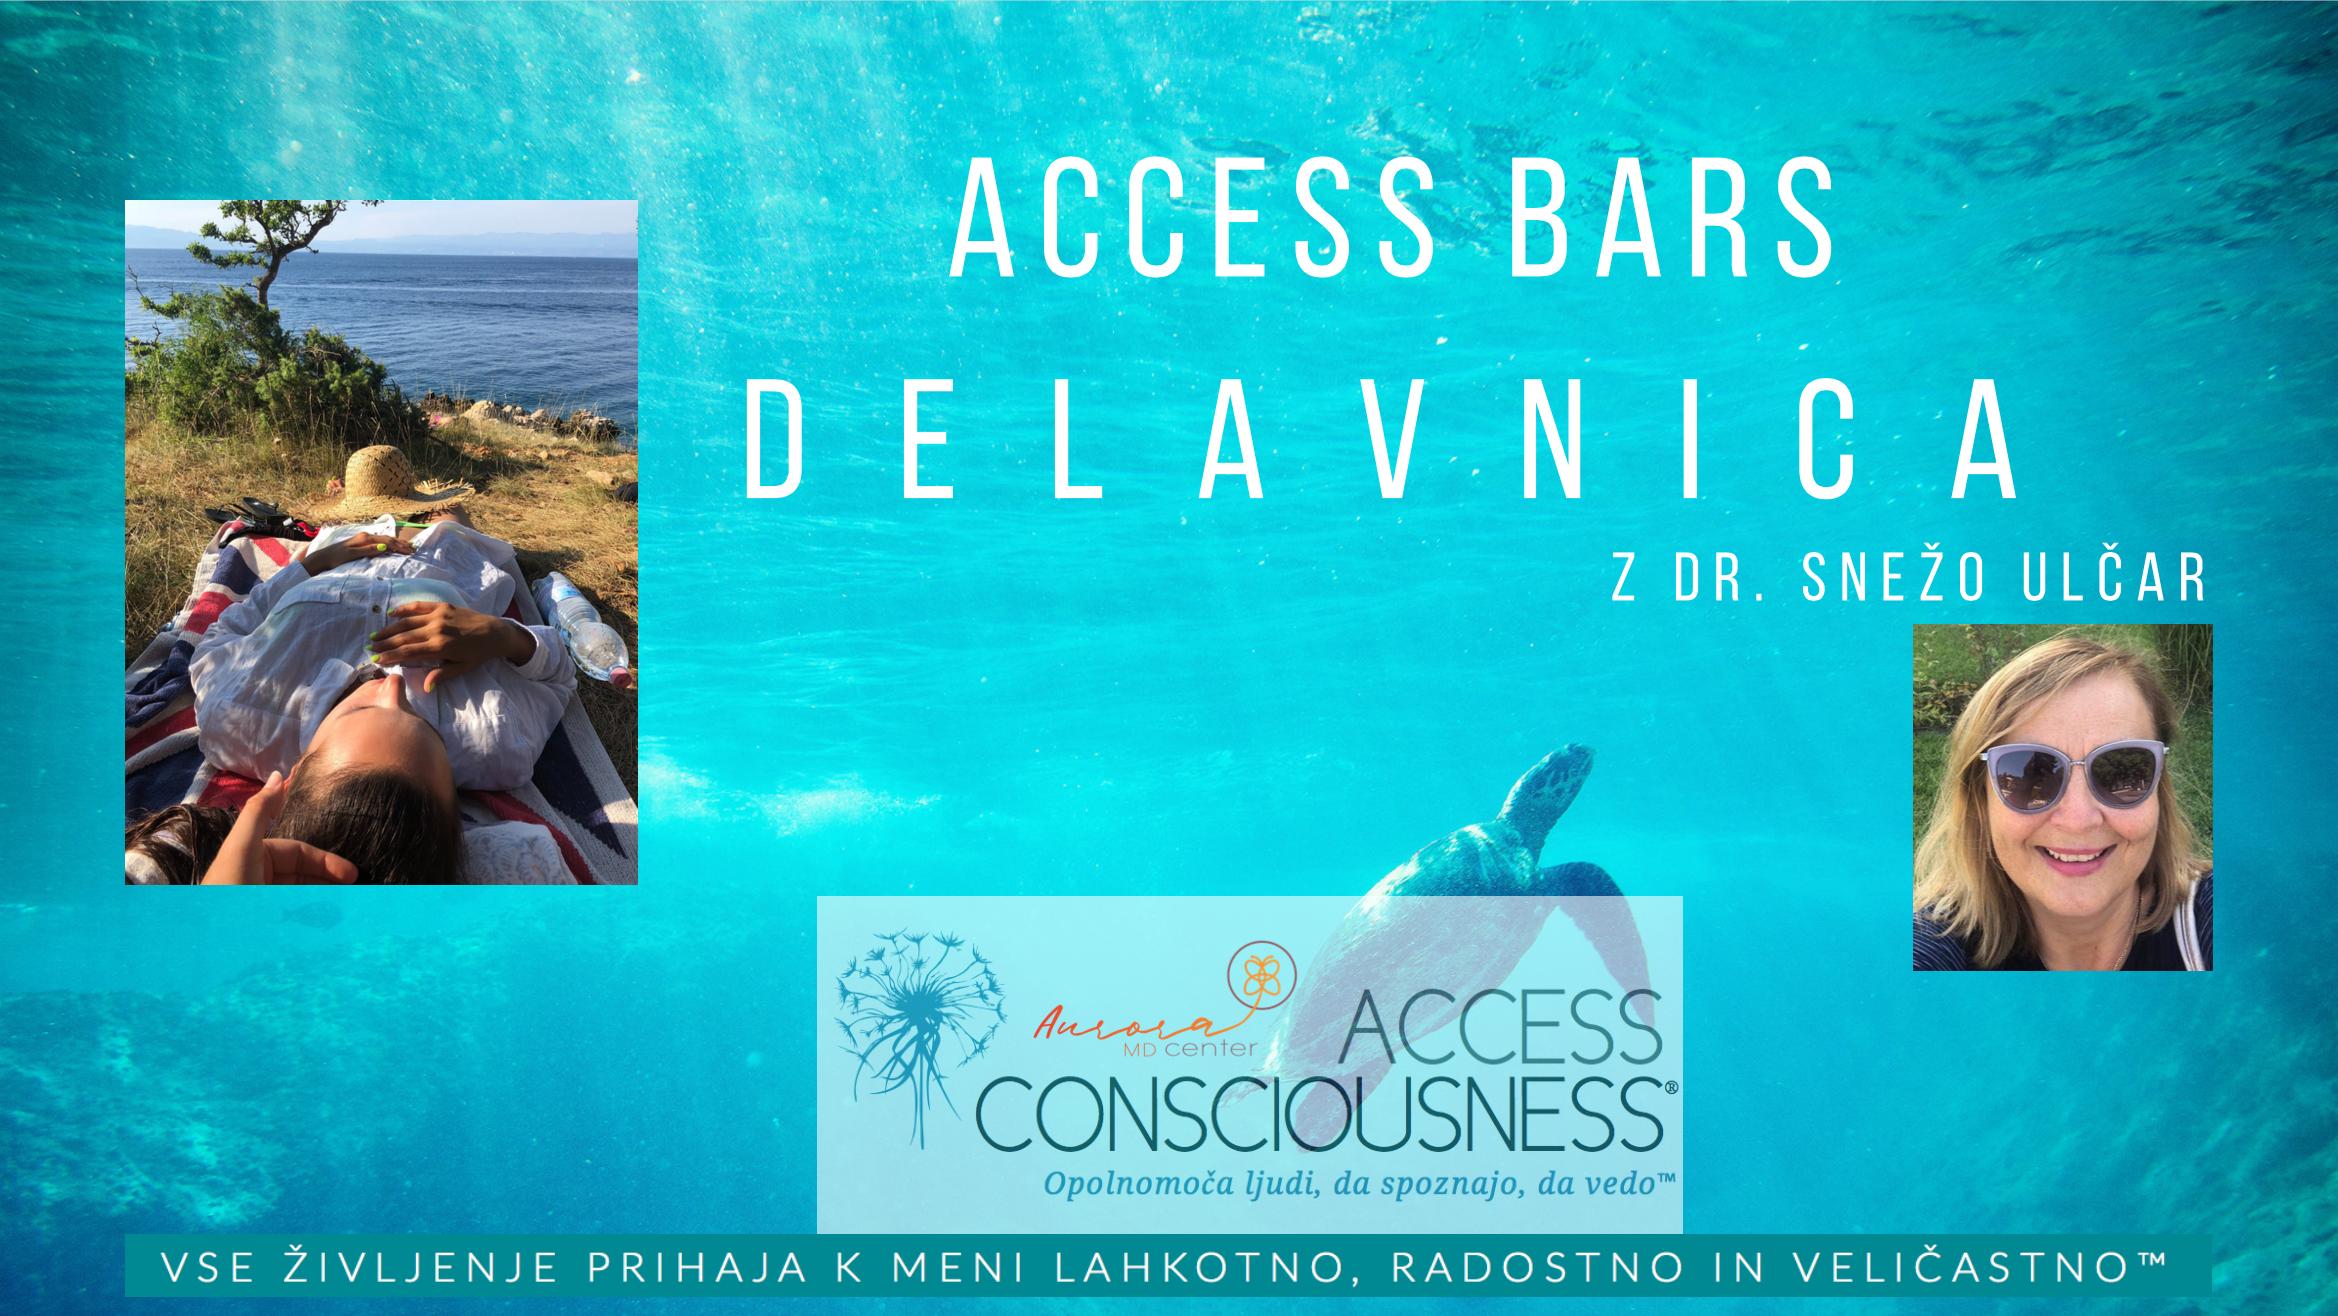 Access Bars® delavnica z zdravnico Snežo Ulčar na otoku Krk